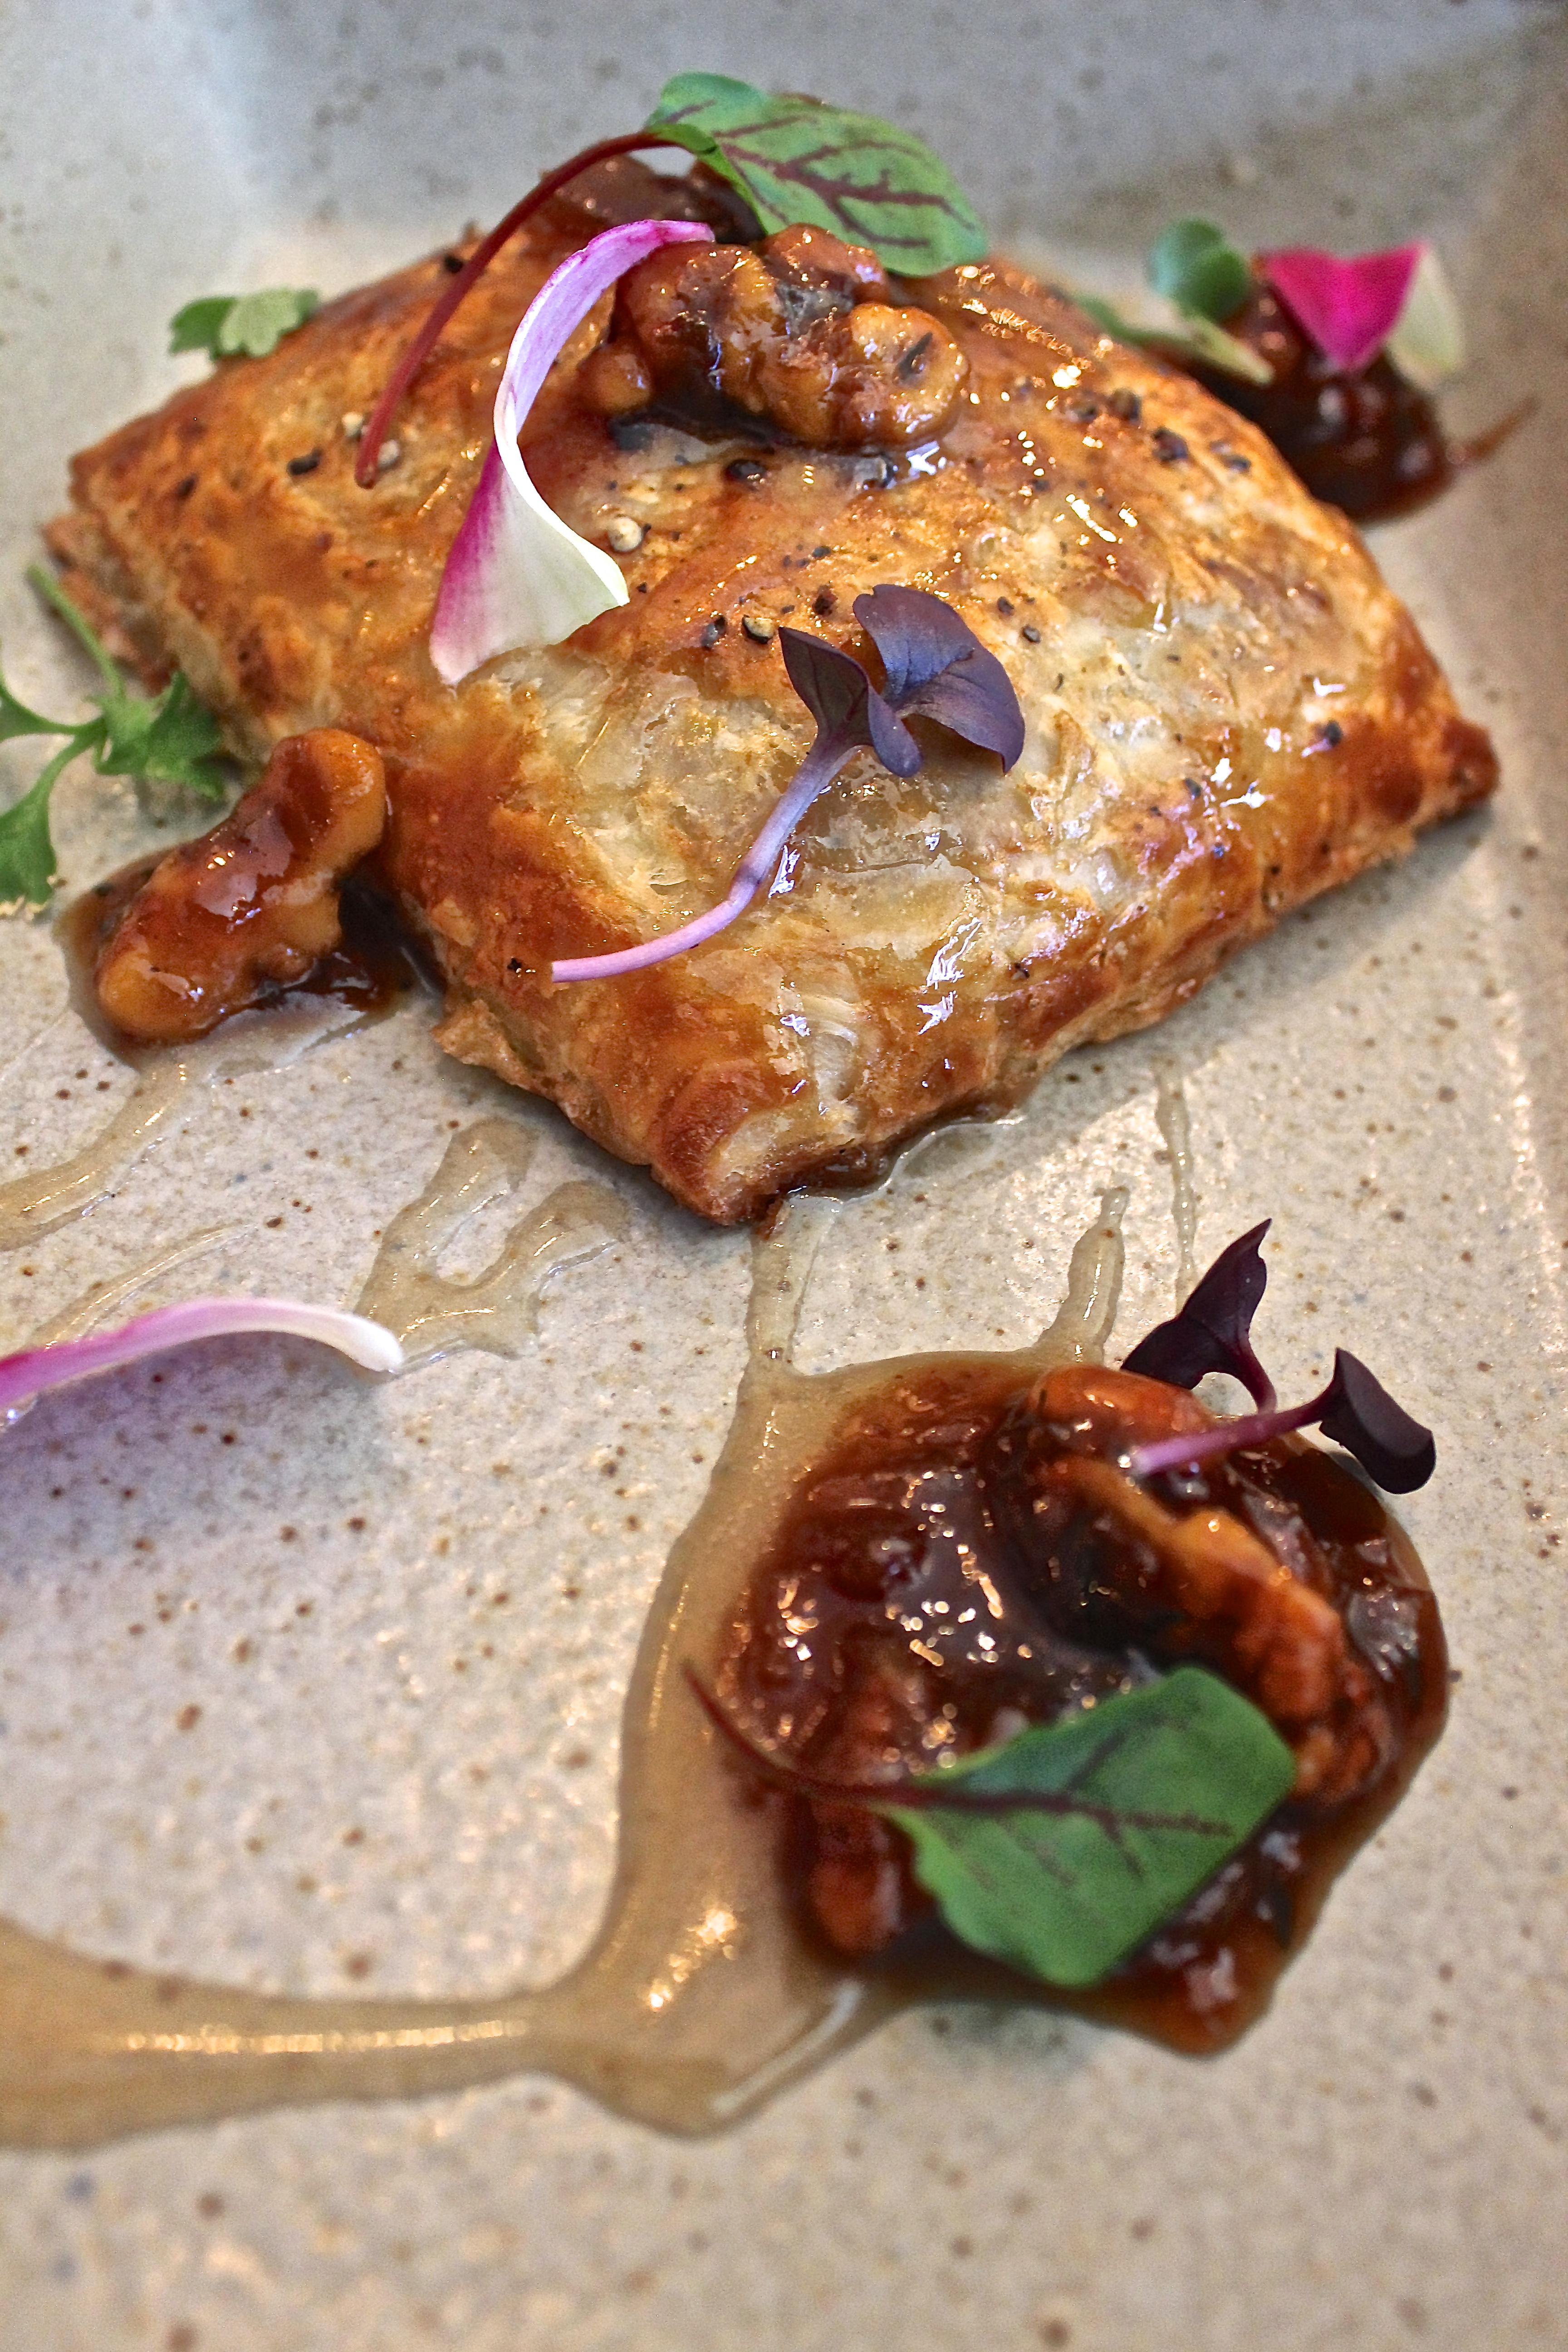 The Farmhouse Pork Belly Pop Tart